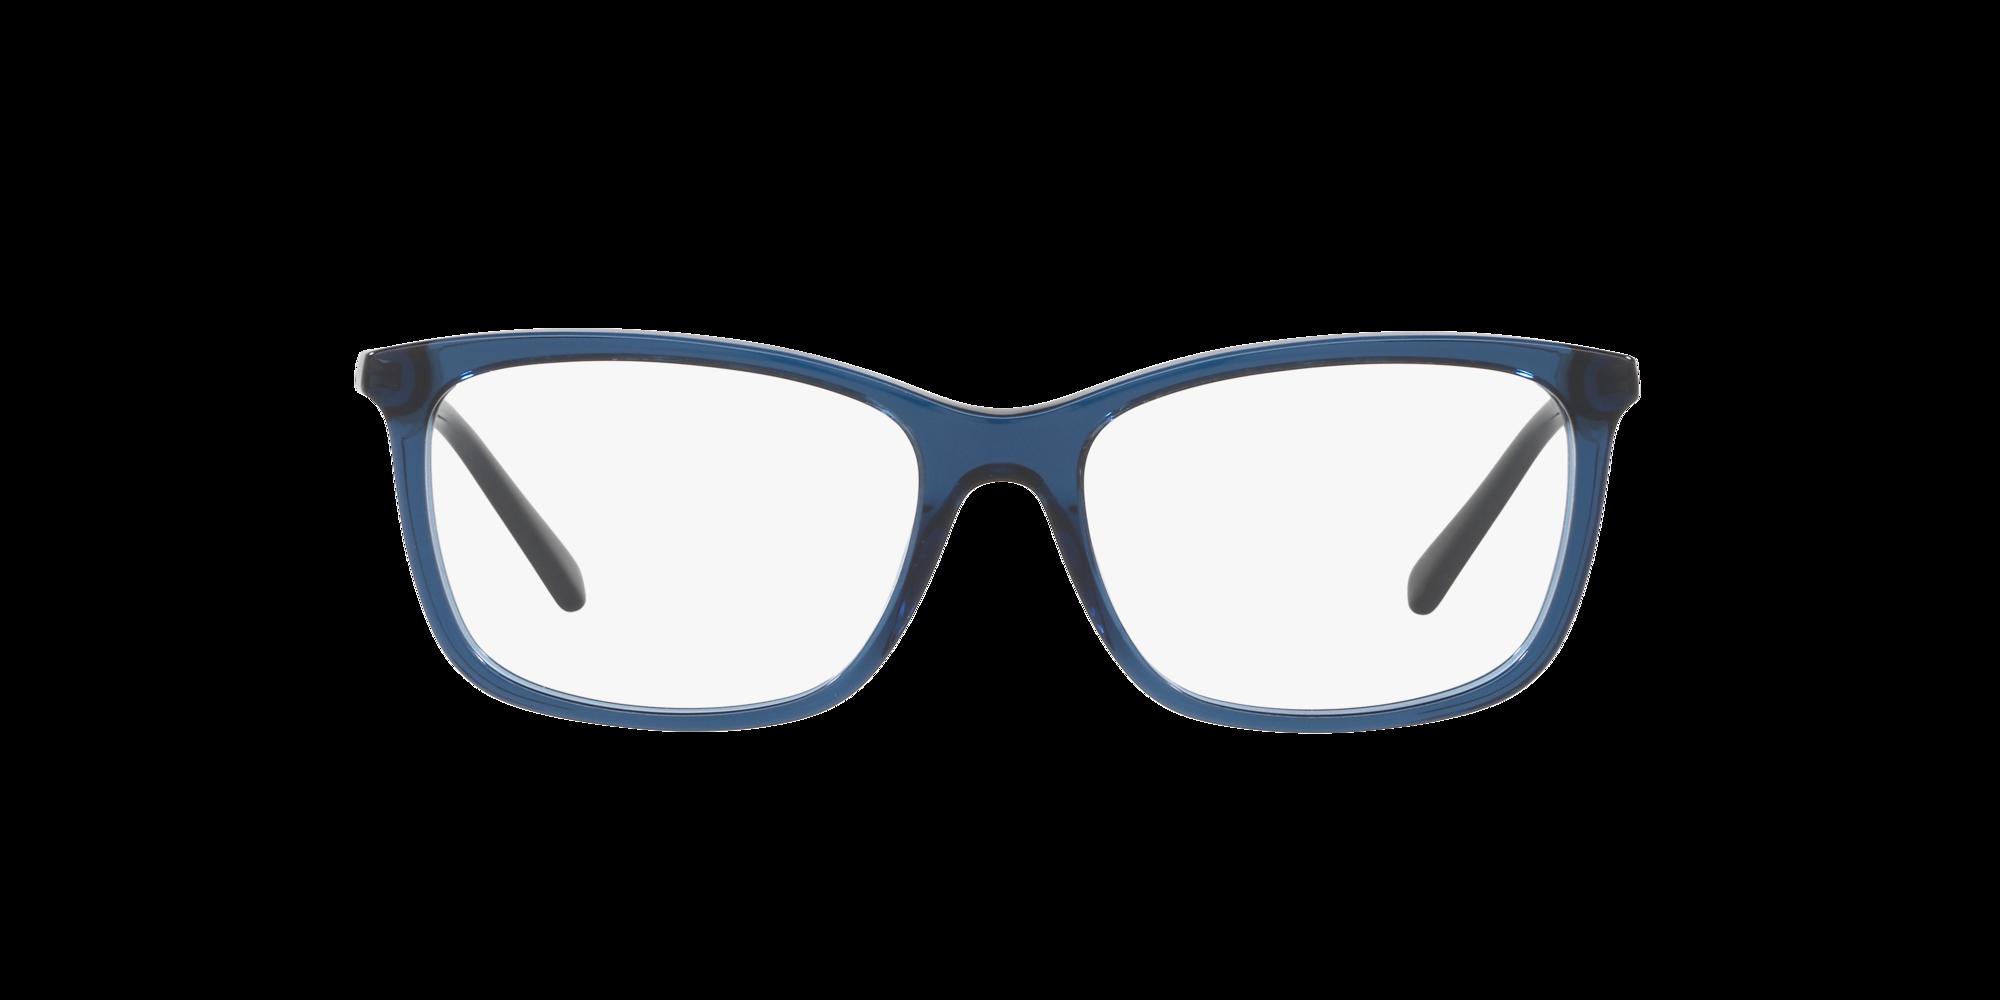 Imagen para MK4030 VIVIANNA II de LensCrafters |  Espejuelos, espejuelos graduados en línea, gafas